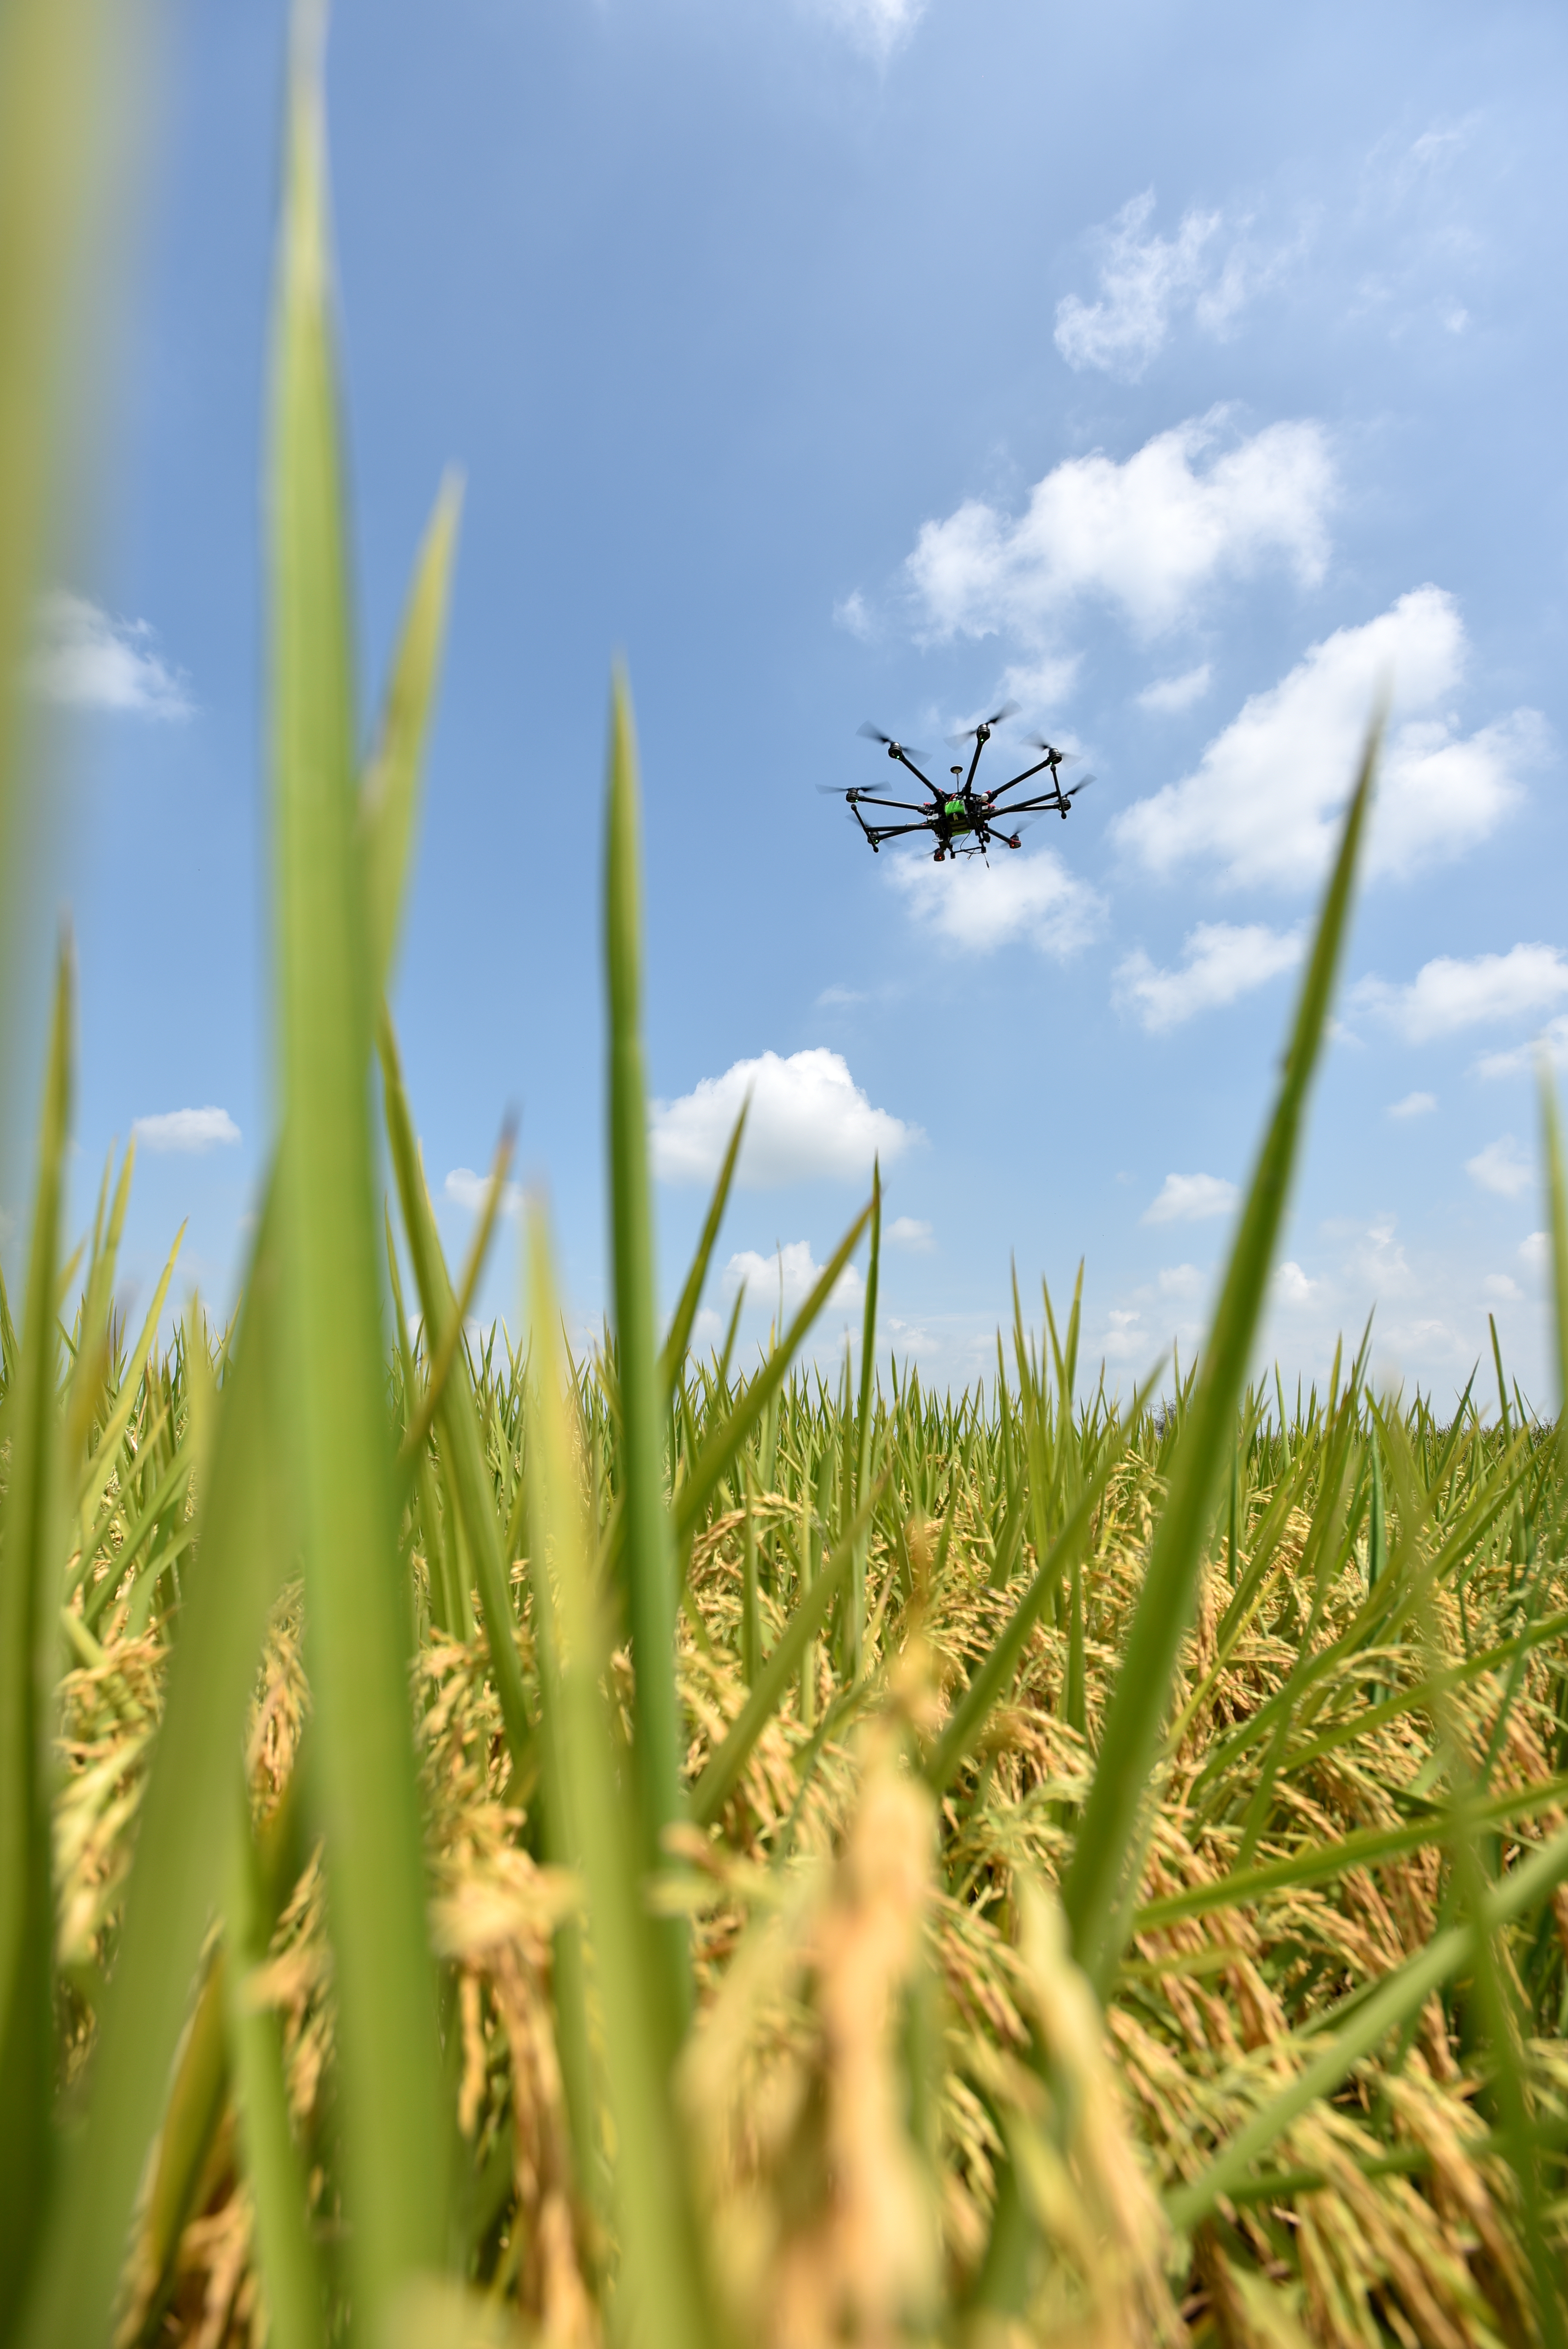 Drone pour surveiller les cultures de riz (crédits: ©2016CIAT /Neil Palmer / Flickr Creative Commons Attribution - Pas d'Utilisation Commerciale - Partage dans les Mêmes Conditions 2.0 Générique (CC BY-NC-SA 2.0))